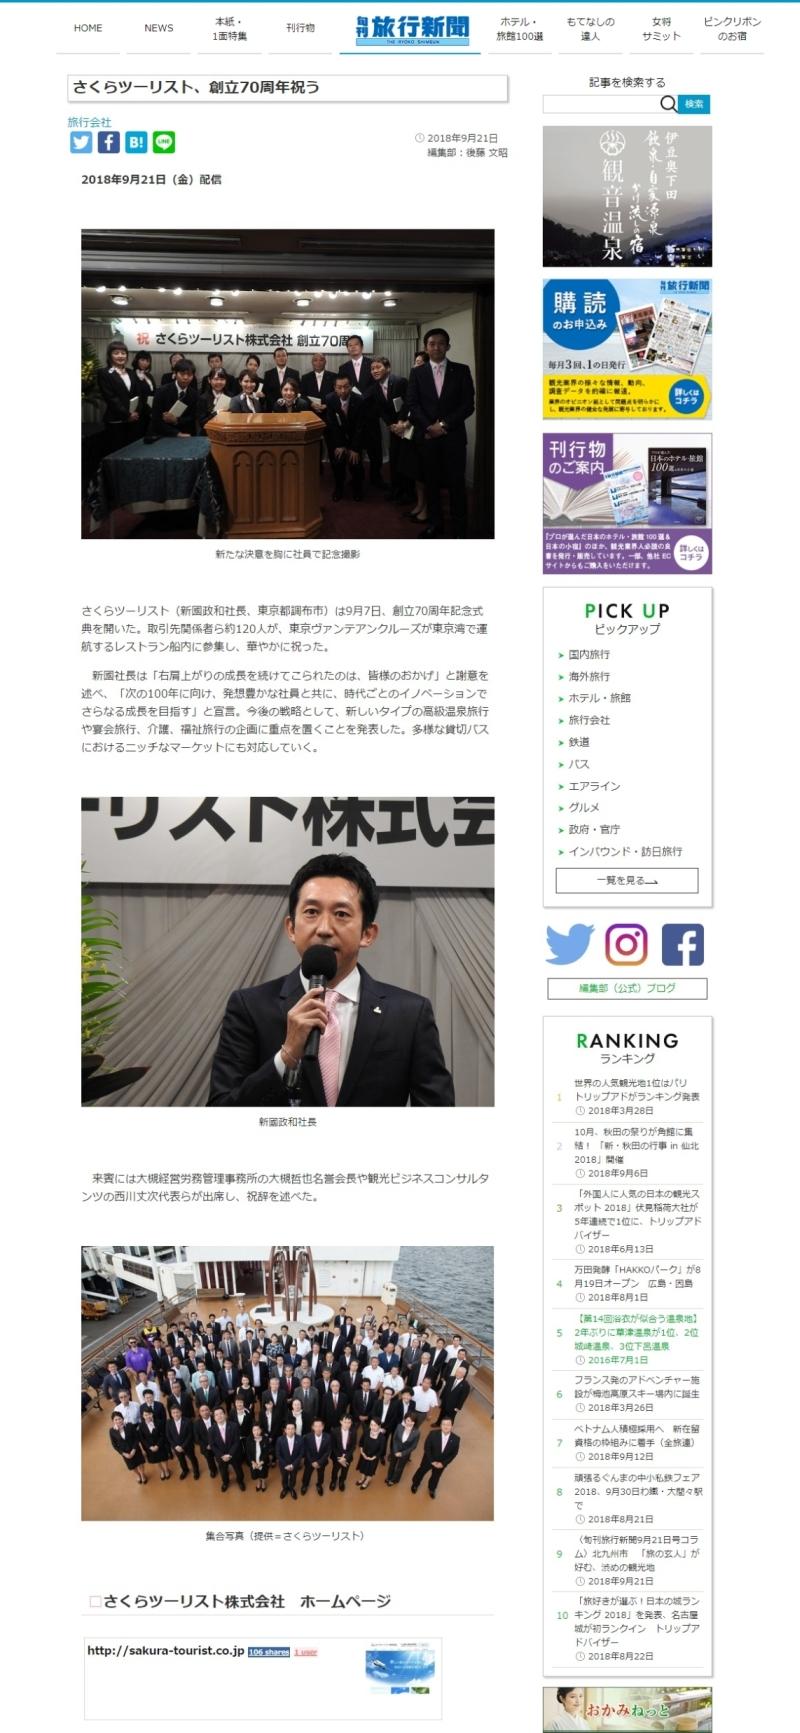 20180925_旅行新聞 さくらツーリスト株式会社70周年記念式典 記事